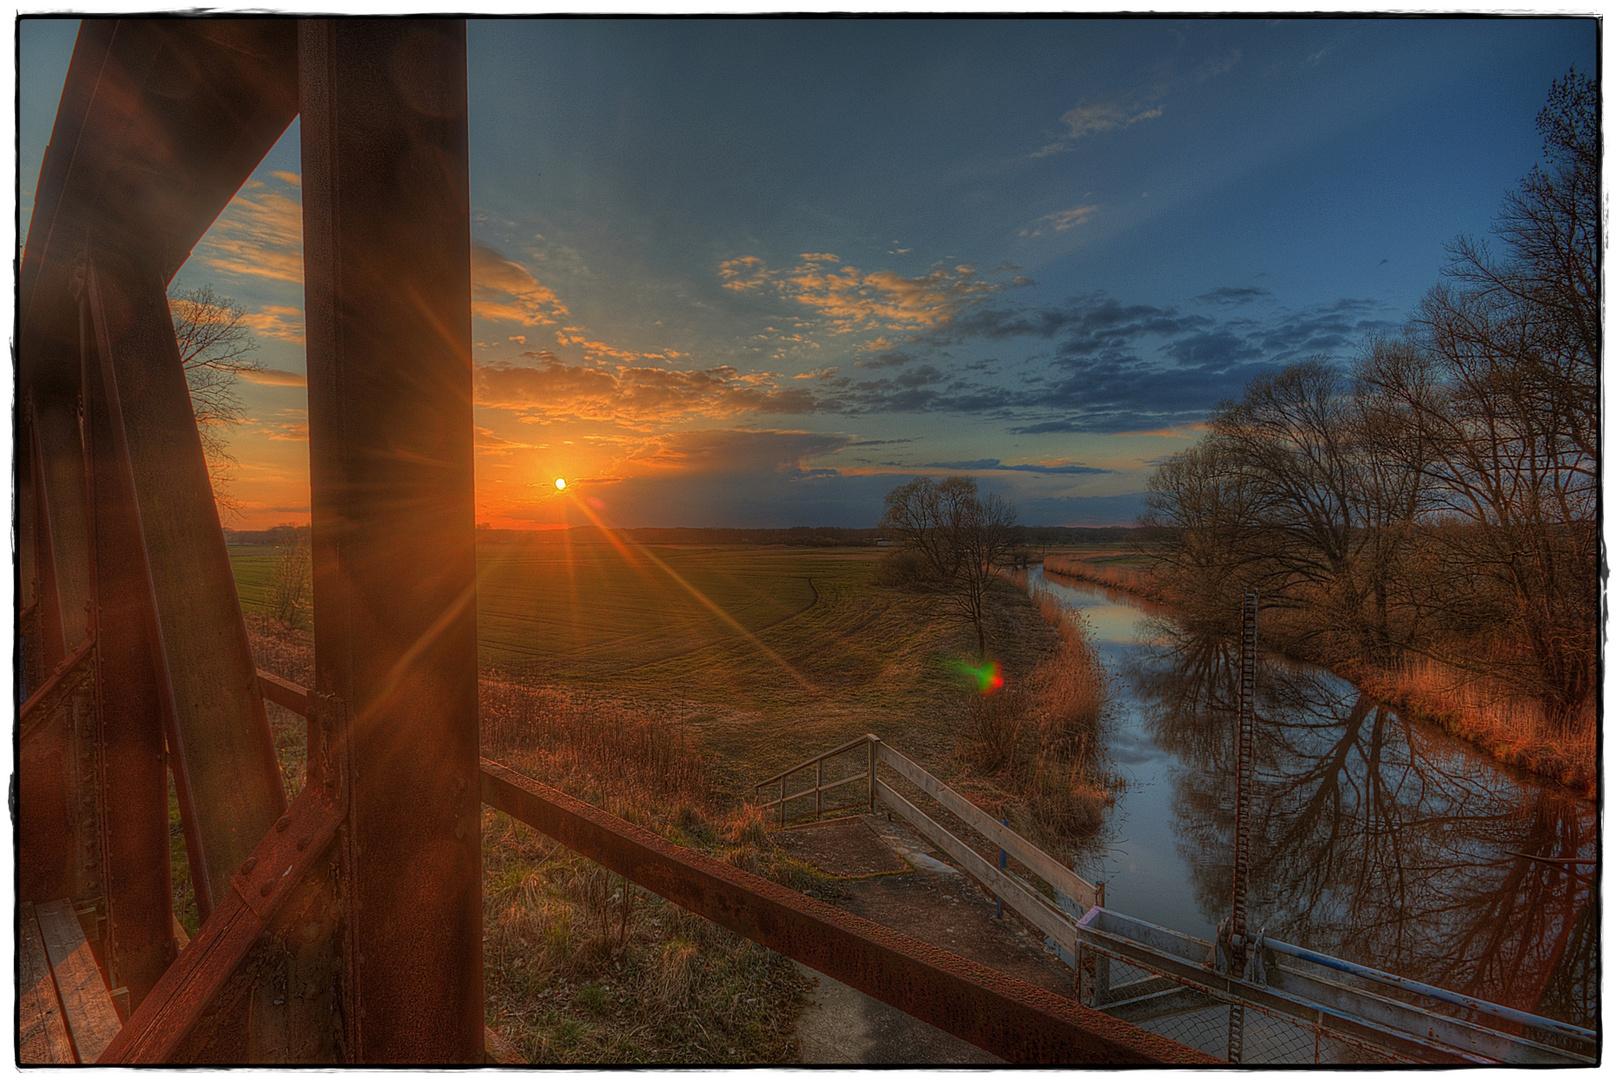 Sonnenuntergang an der Jeetzel